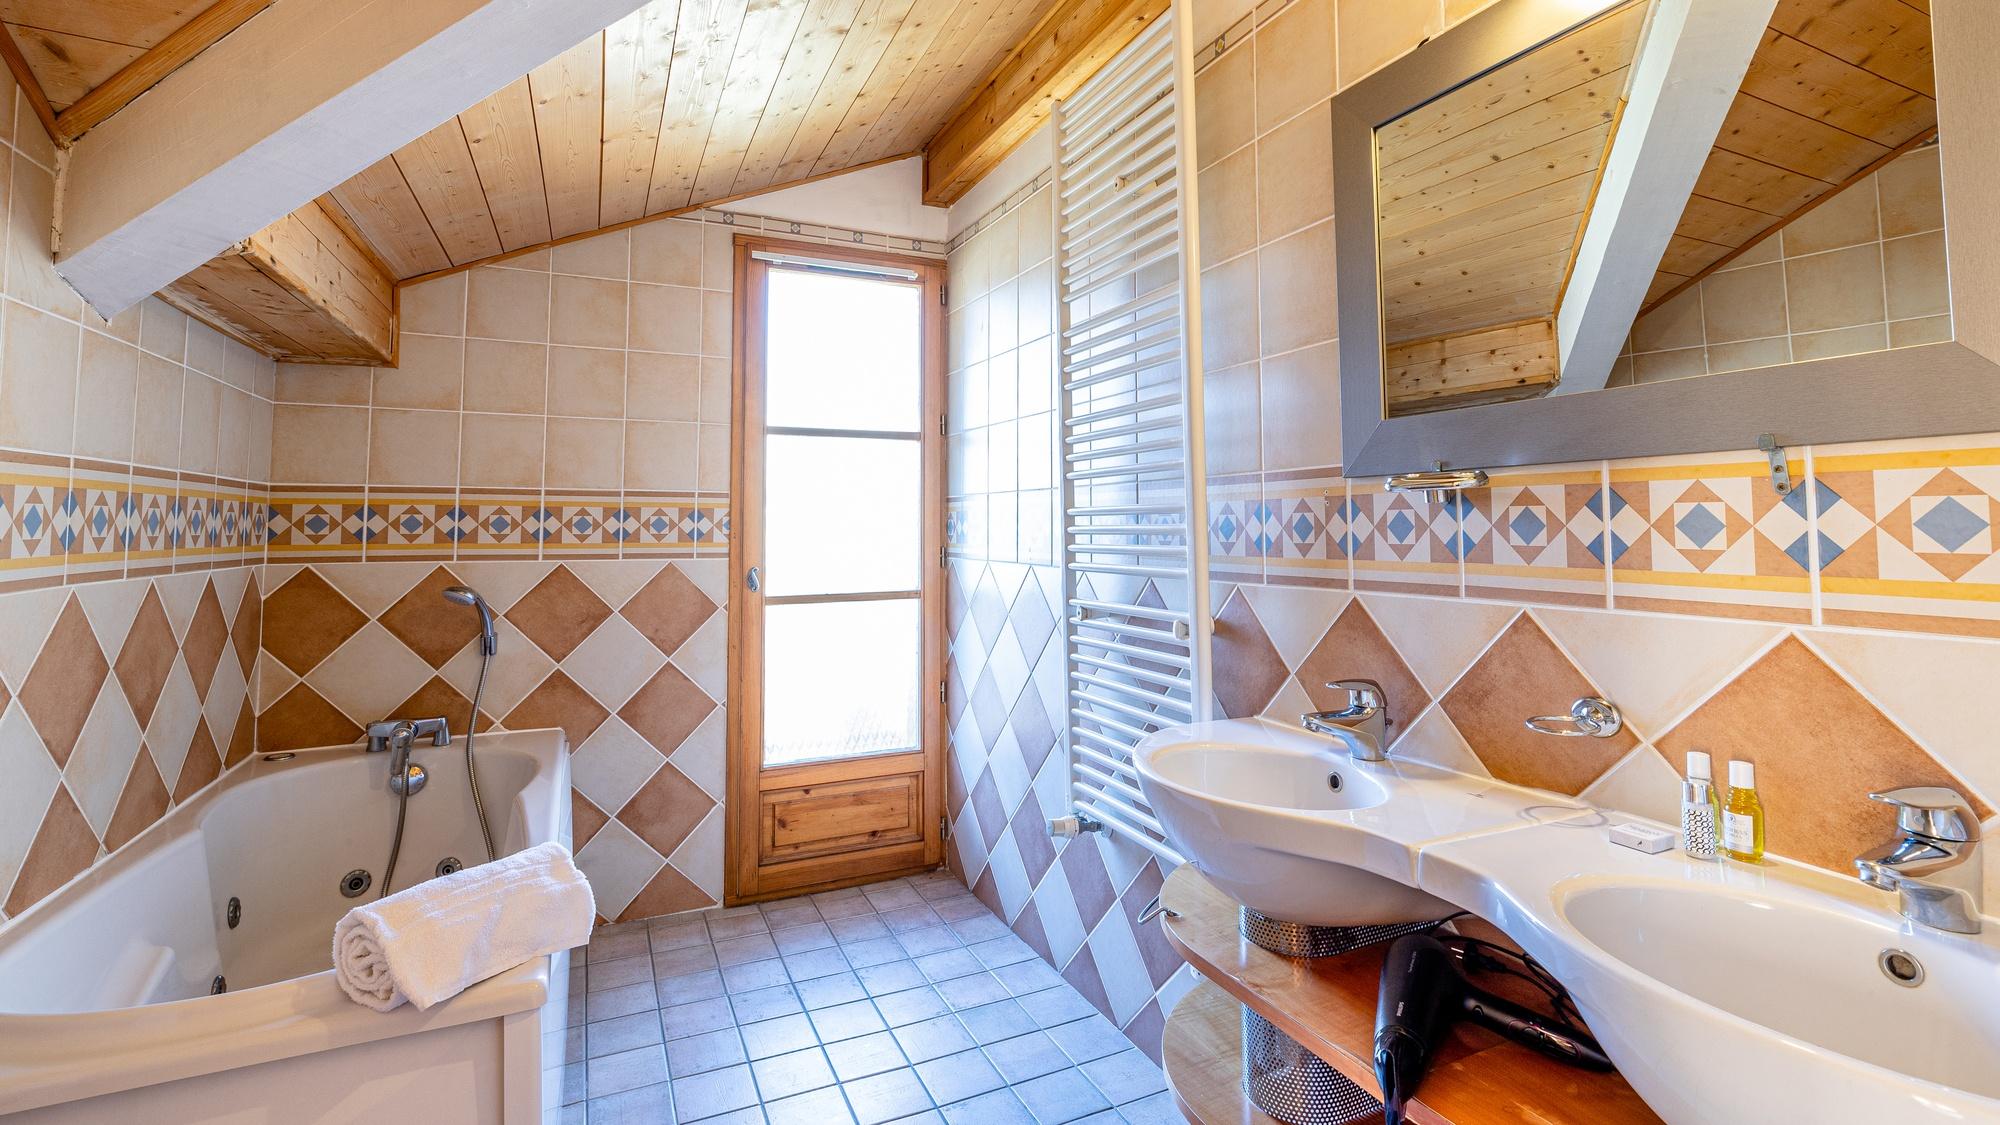 Salle de bain - Anika 1